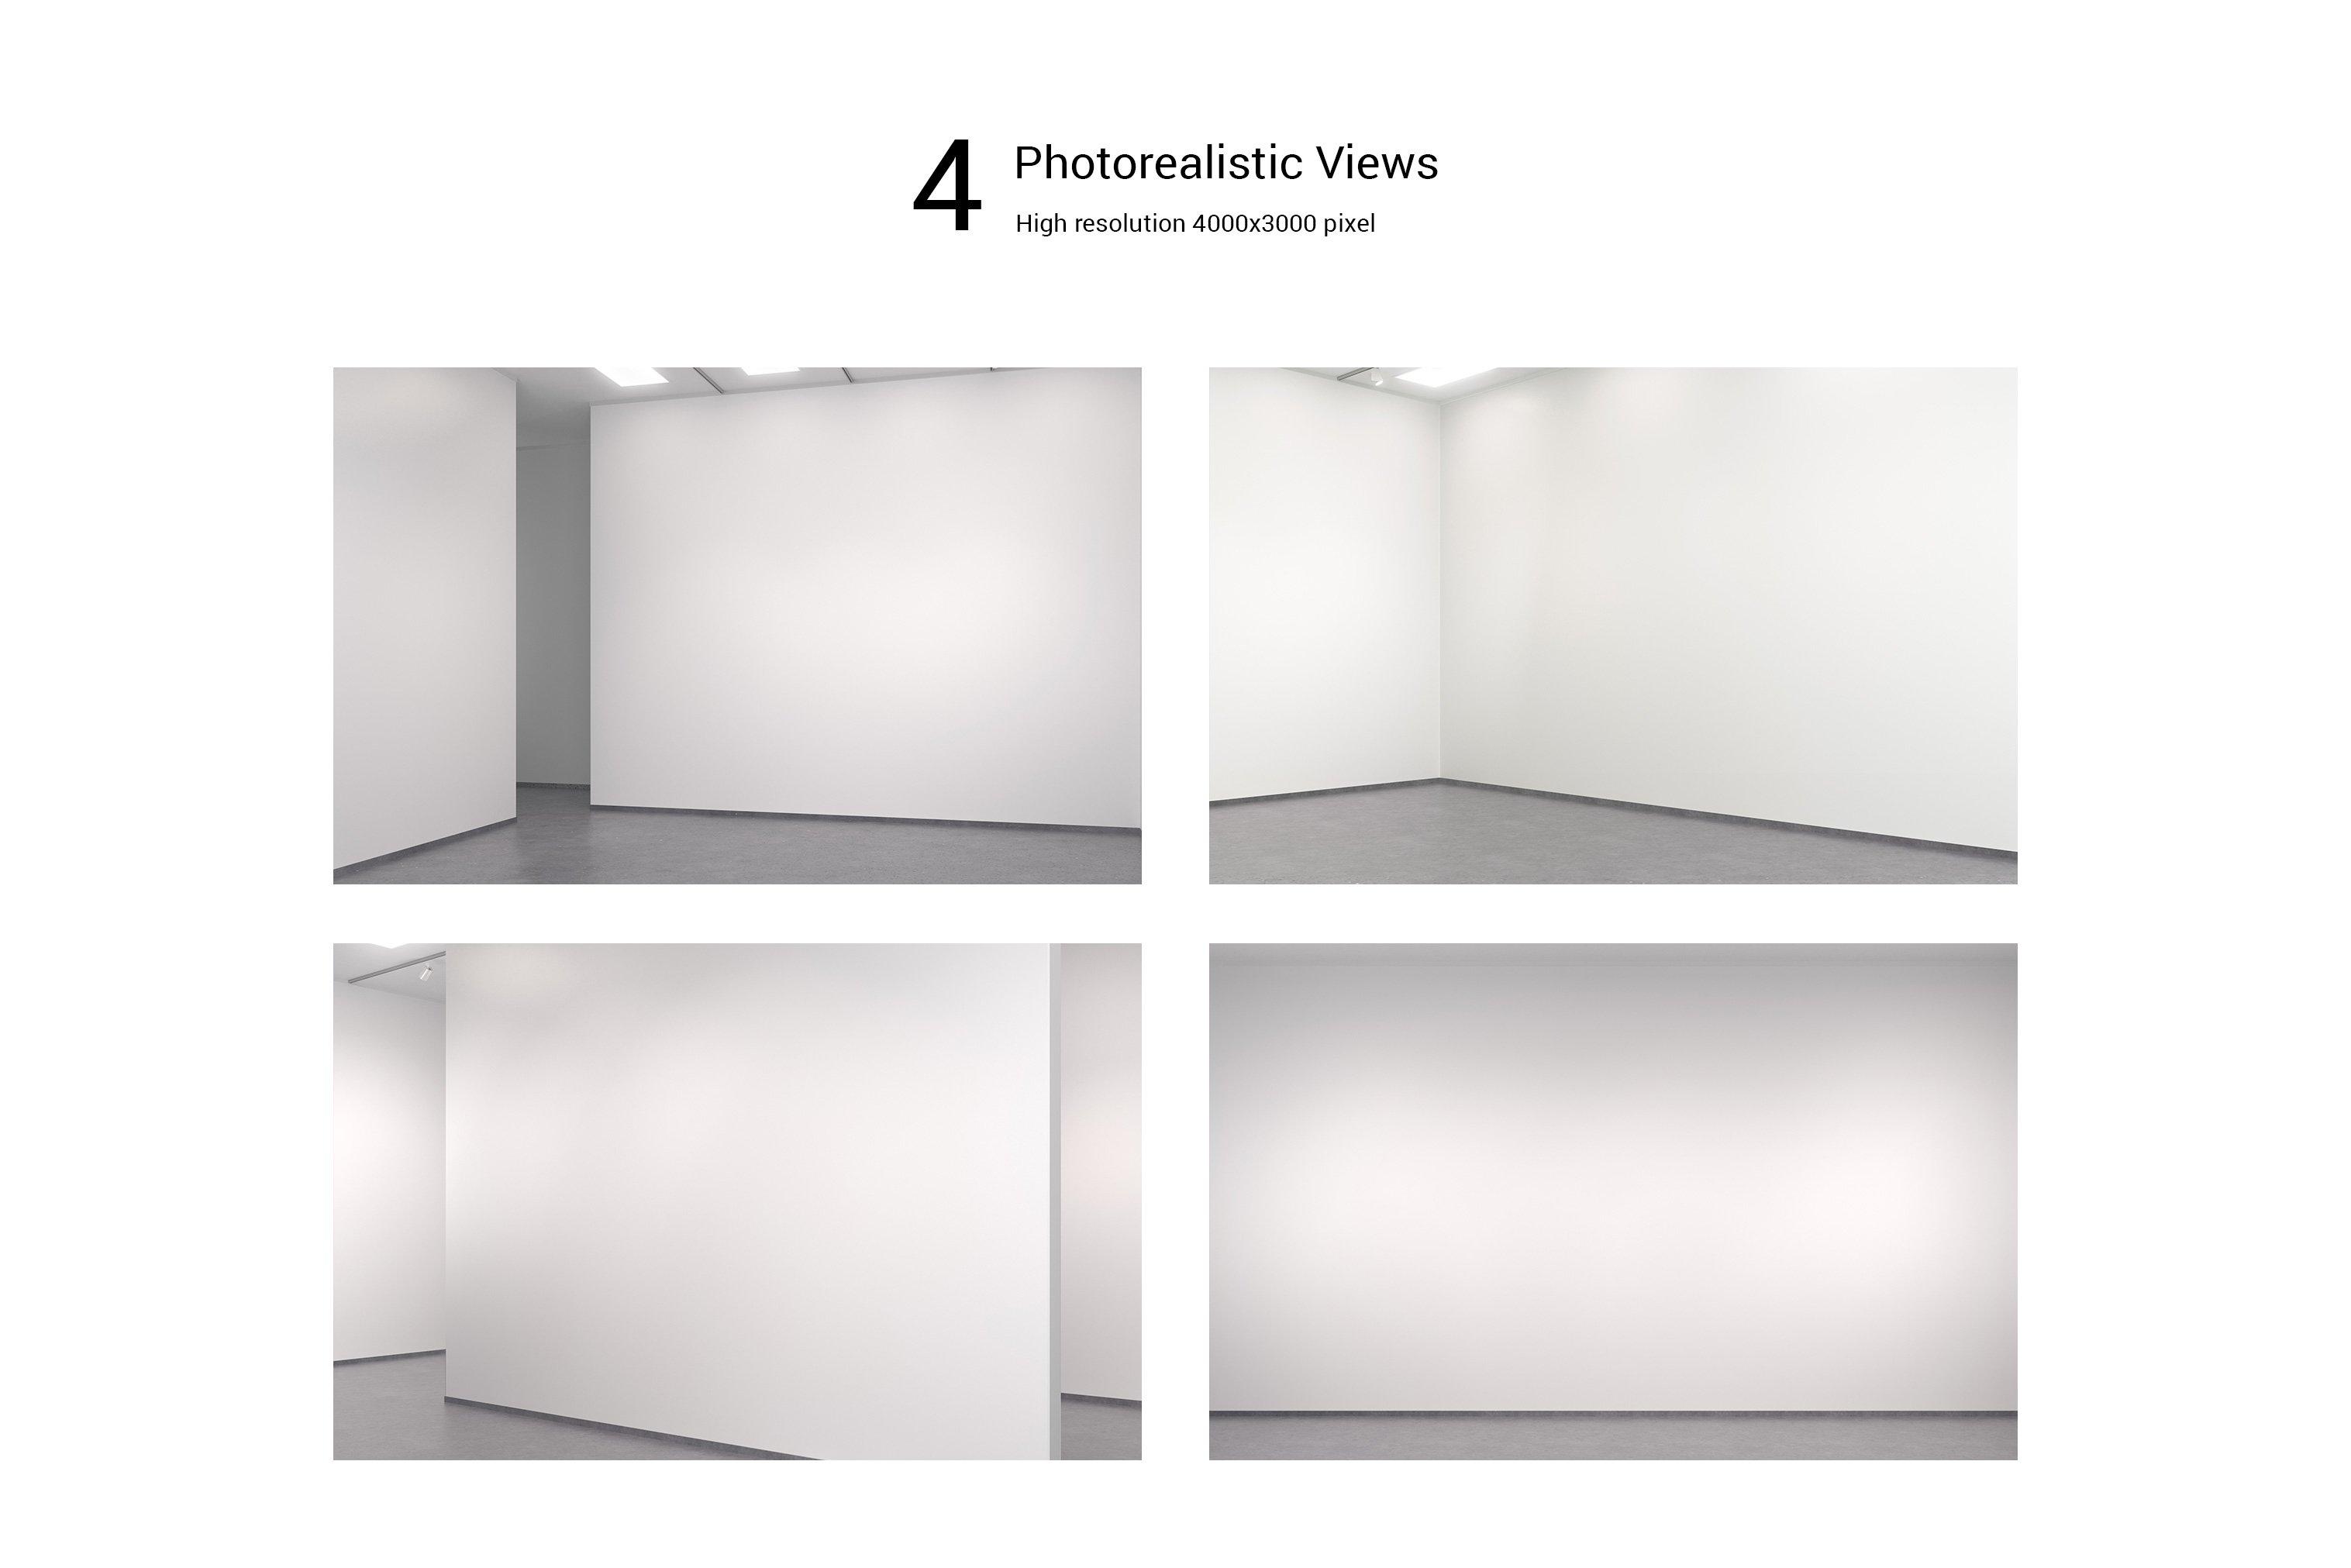 美术馆绘画艺术品相片展示样机模板 Art Gallery Mockup插图(13)